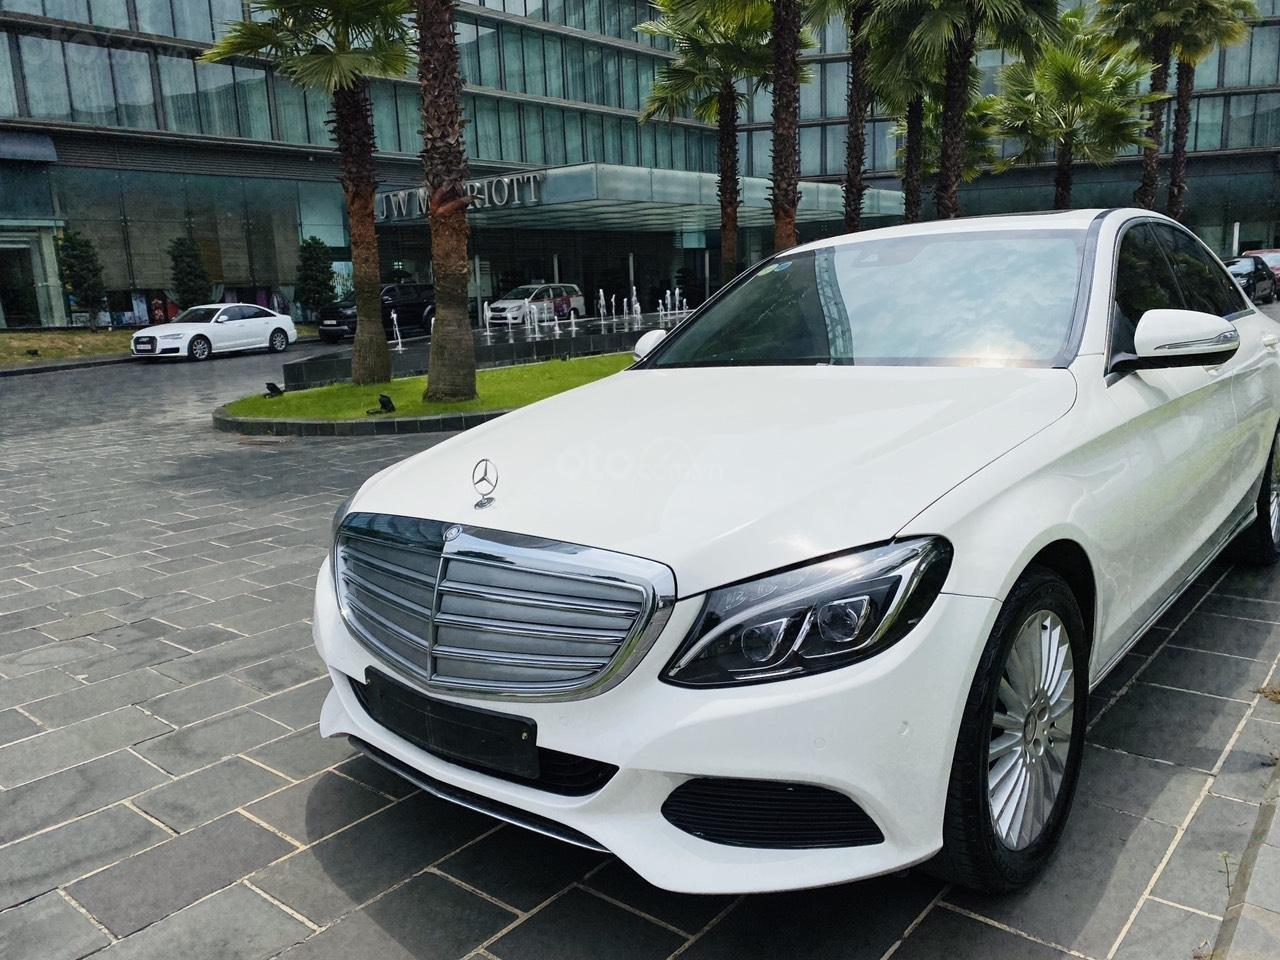 Mercedes C250 SX 2015 model 2016 màu trắng nội thất đen (5)